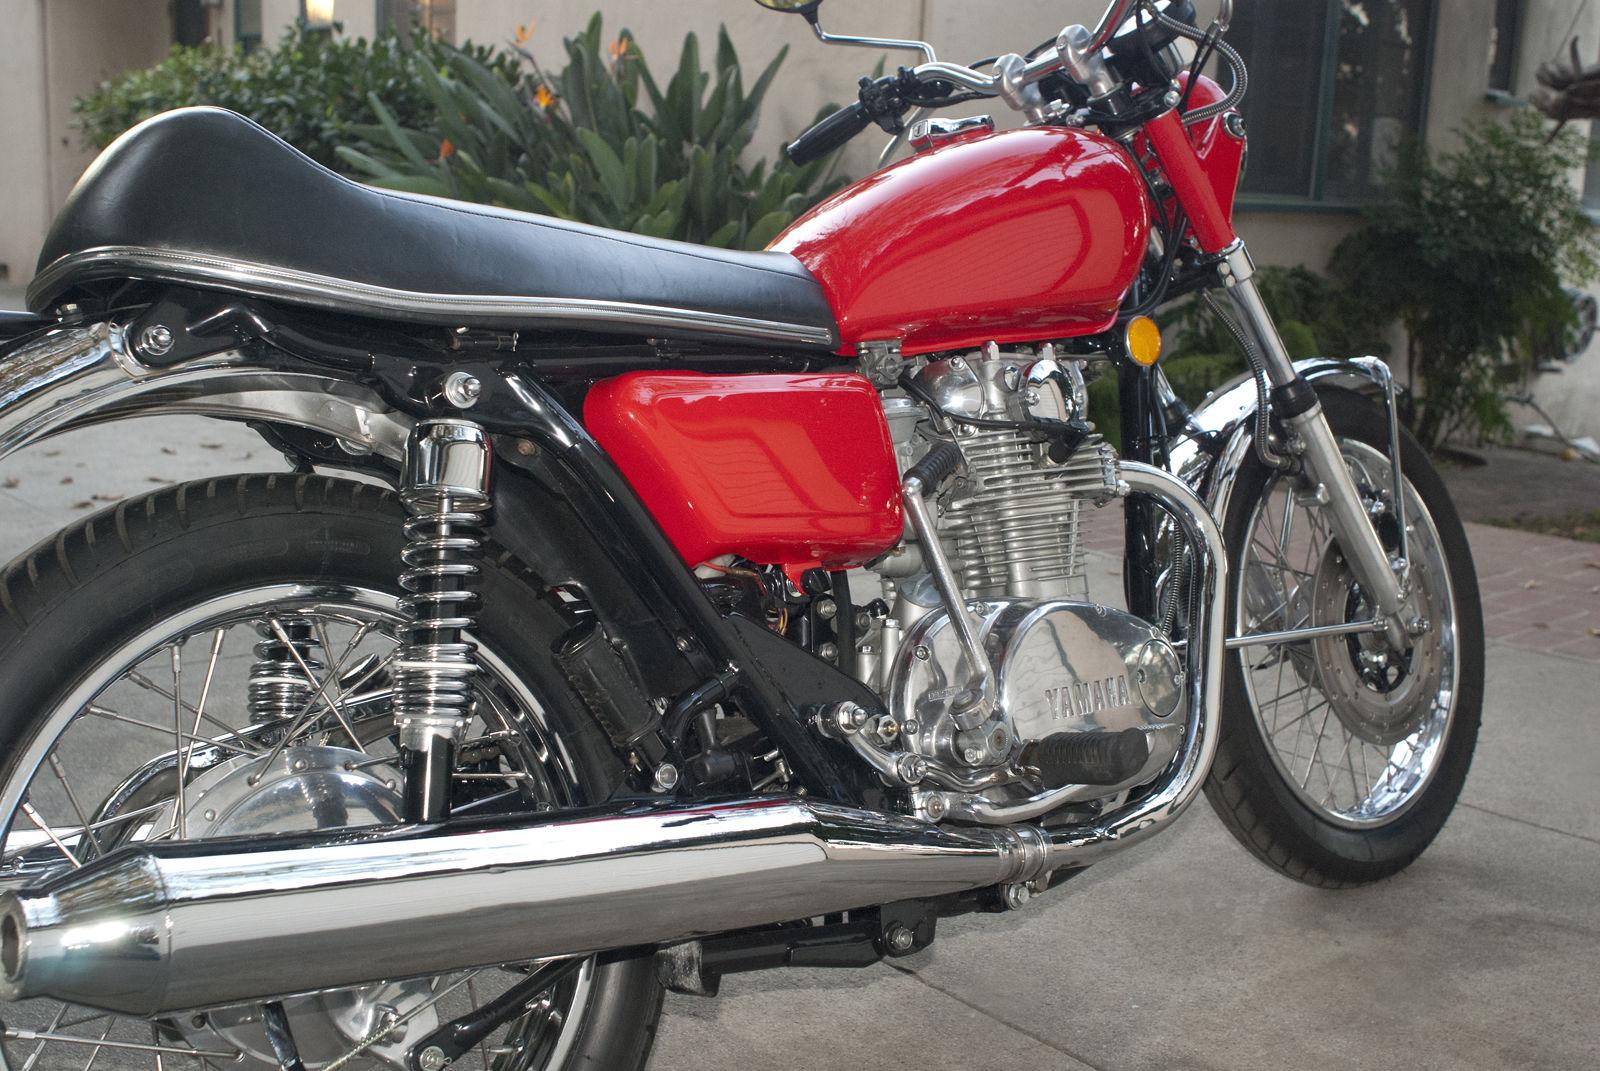 Yamaha TX650 - 1974